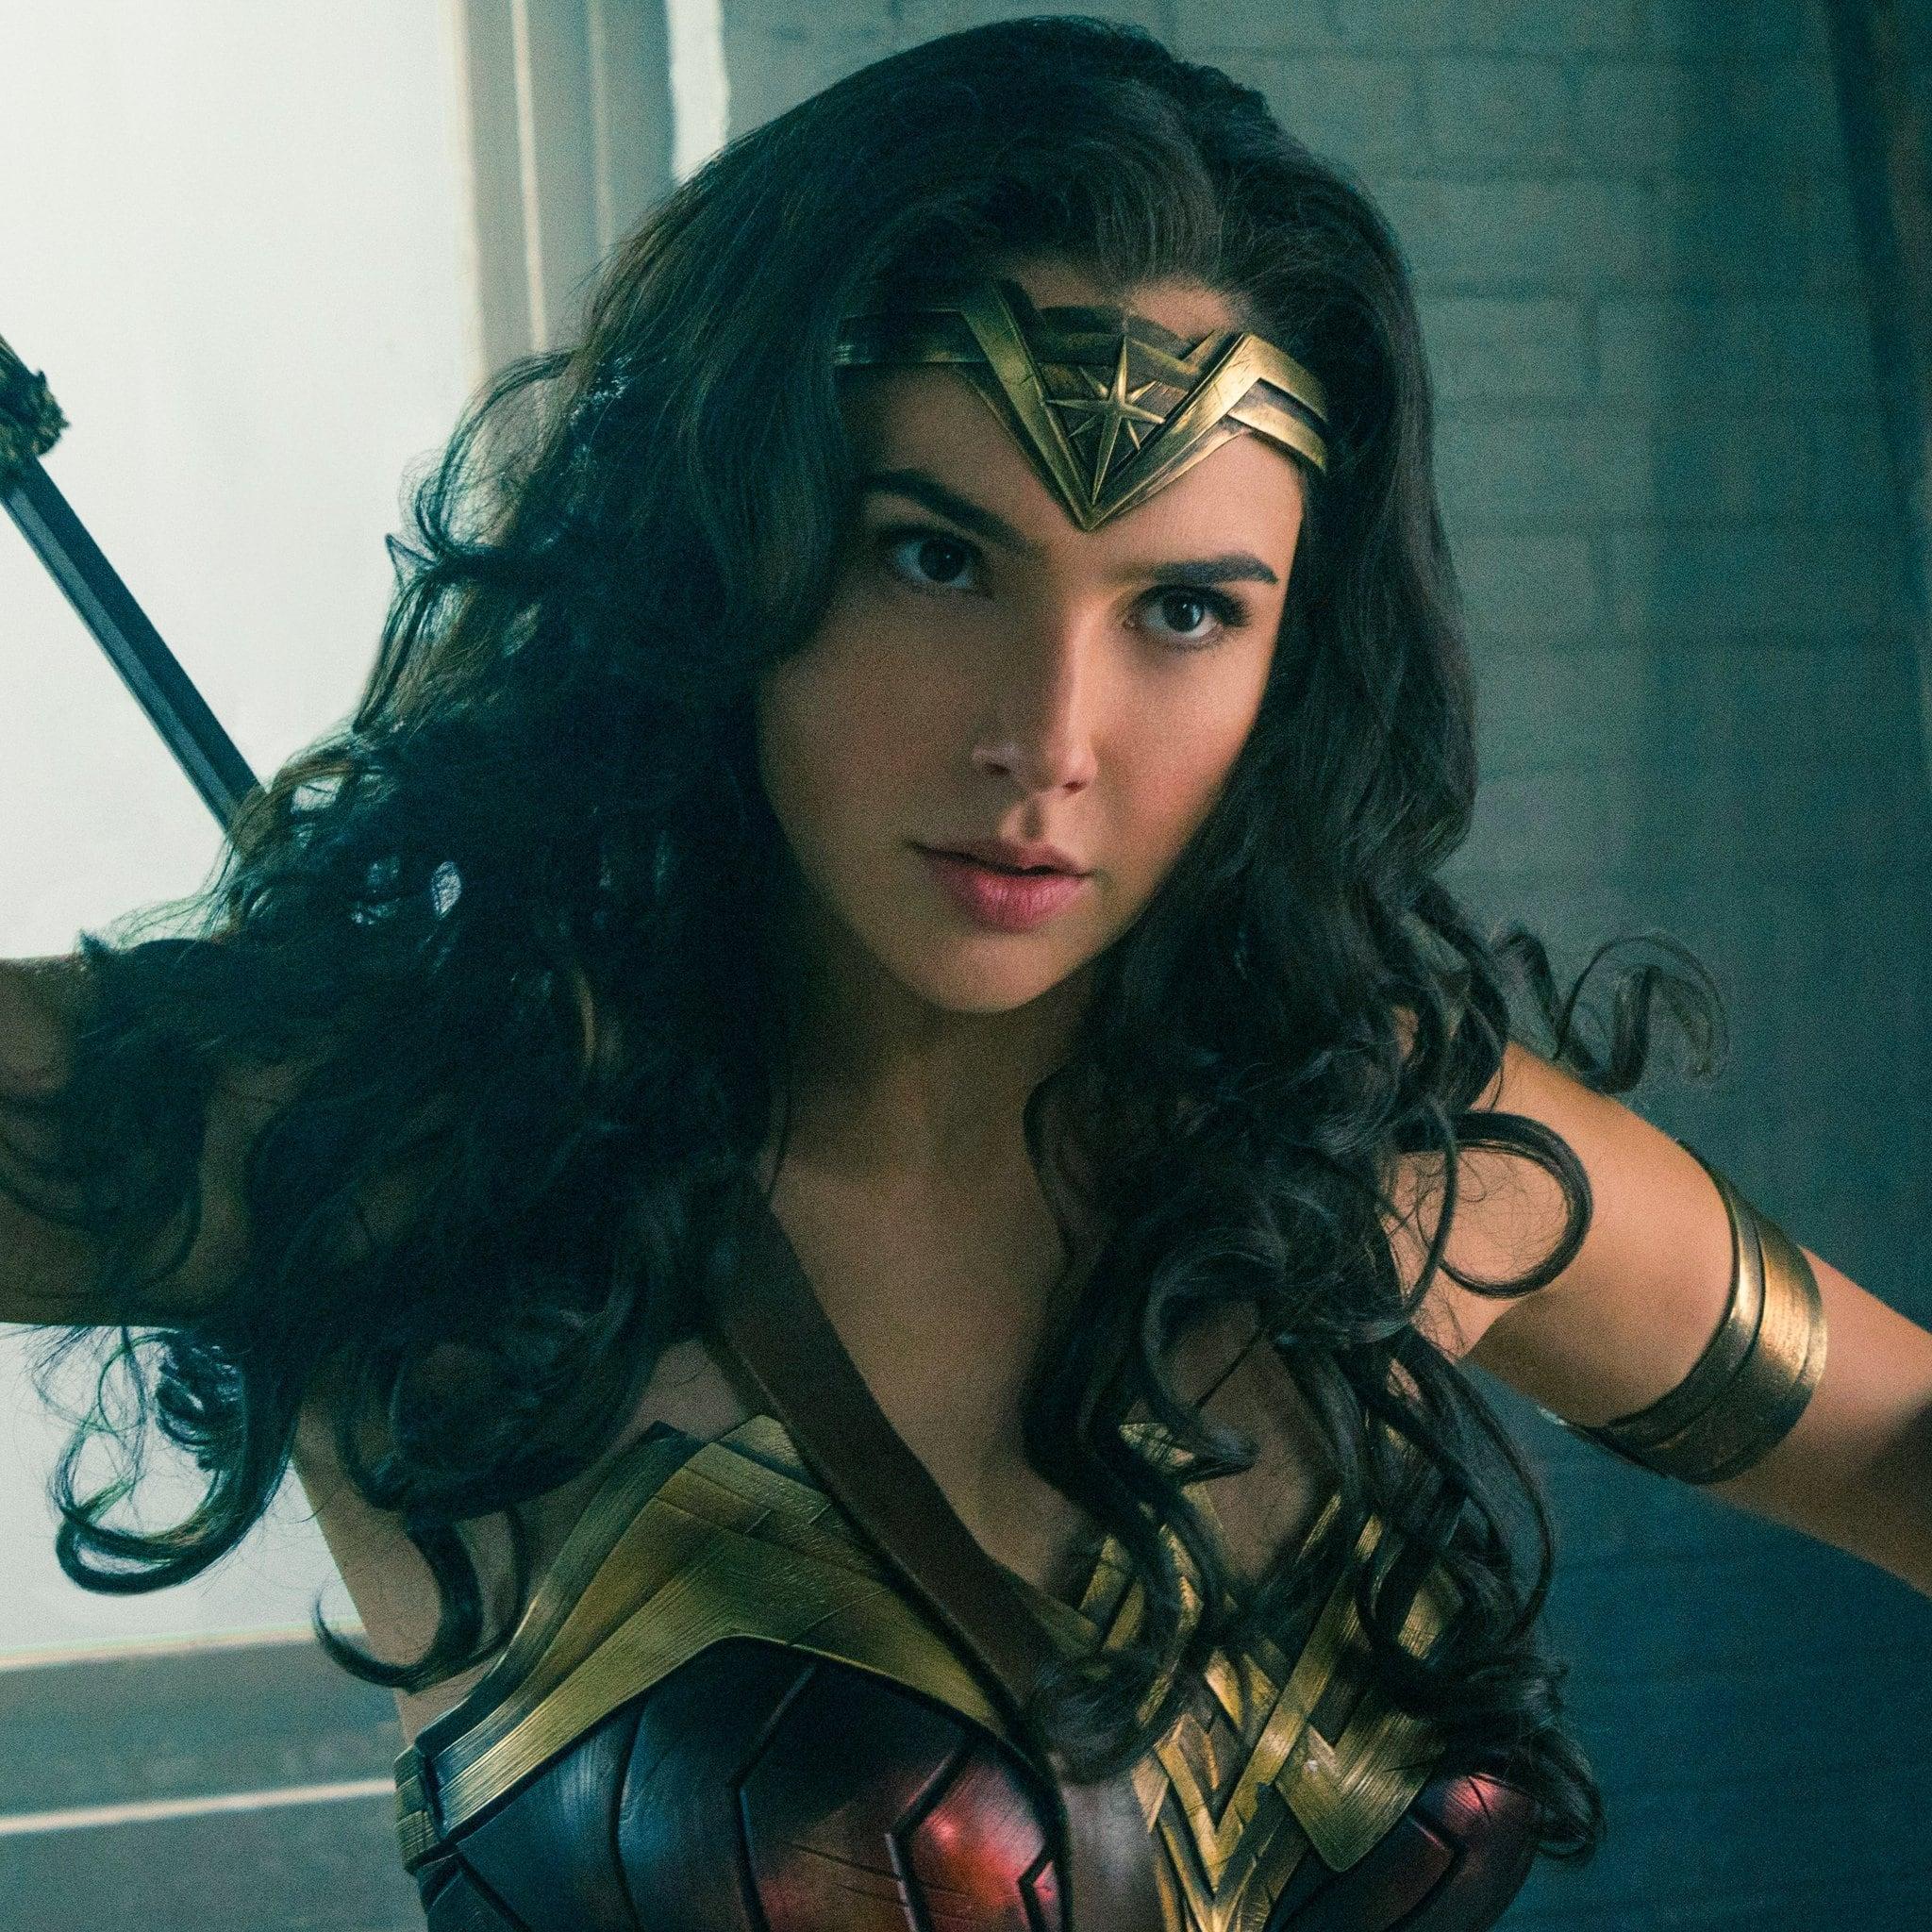 Wonder Woman Imdb